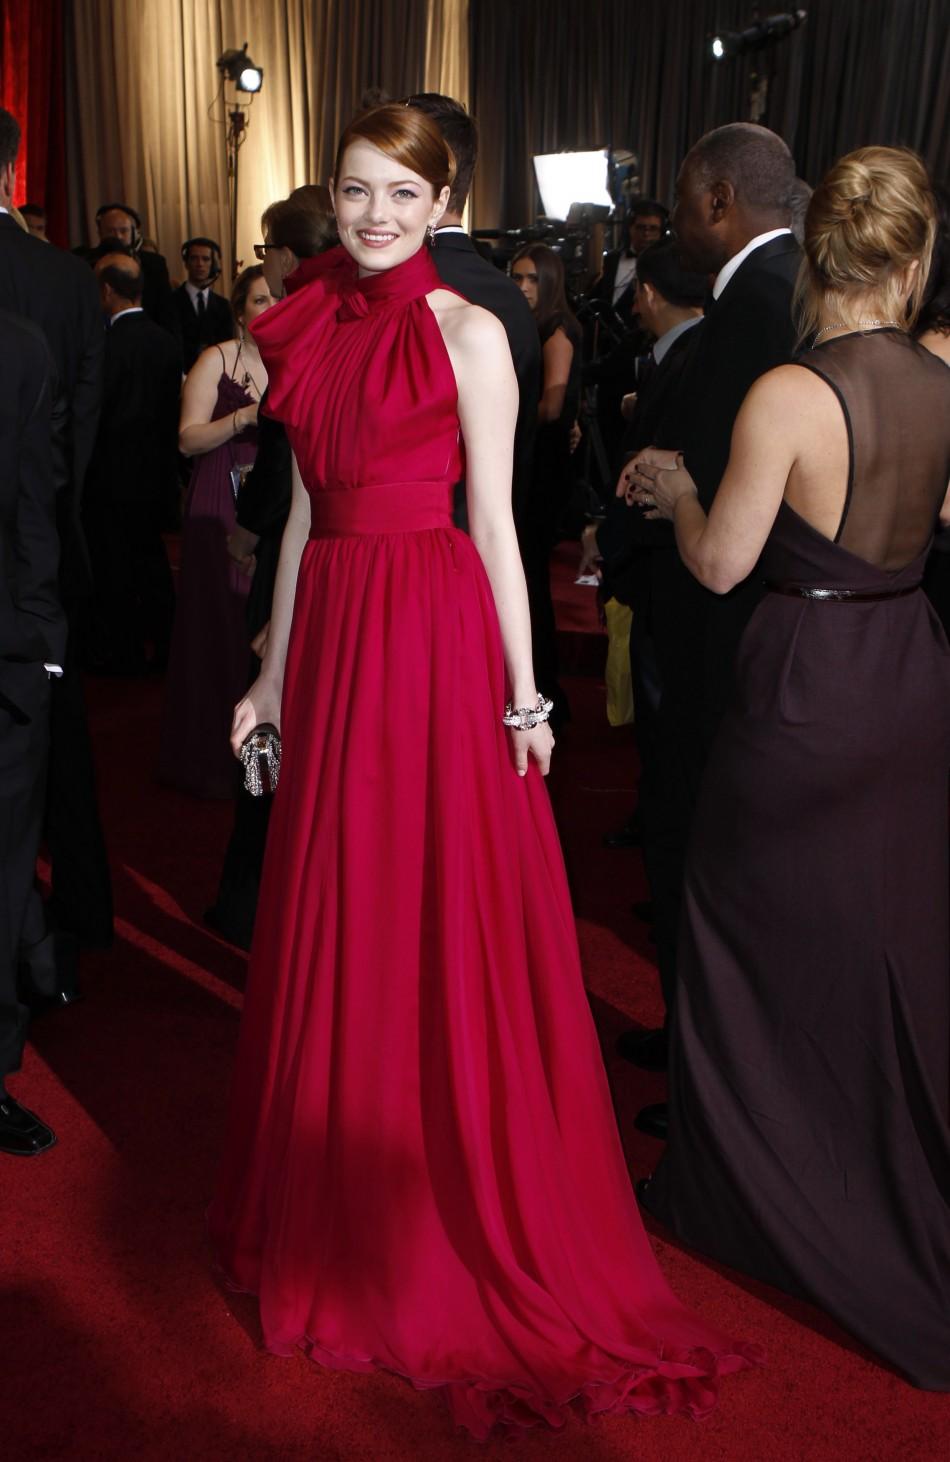 Emma Stone Dress At Oscar Awards 2012